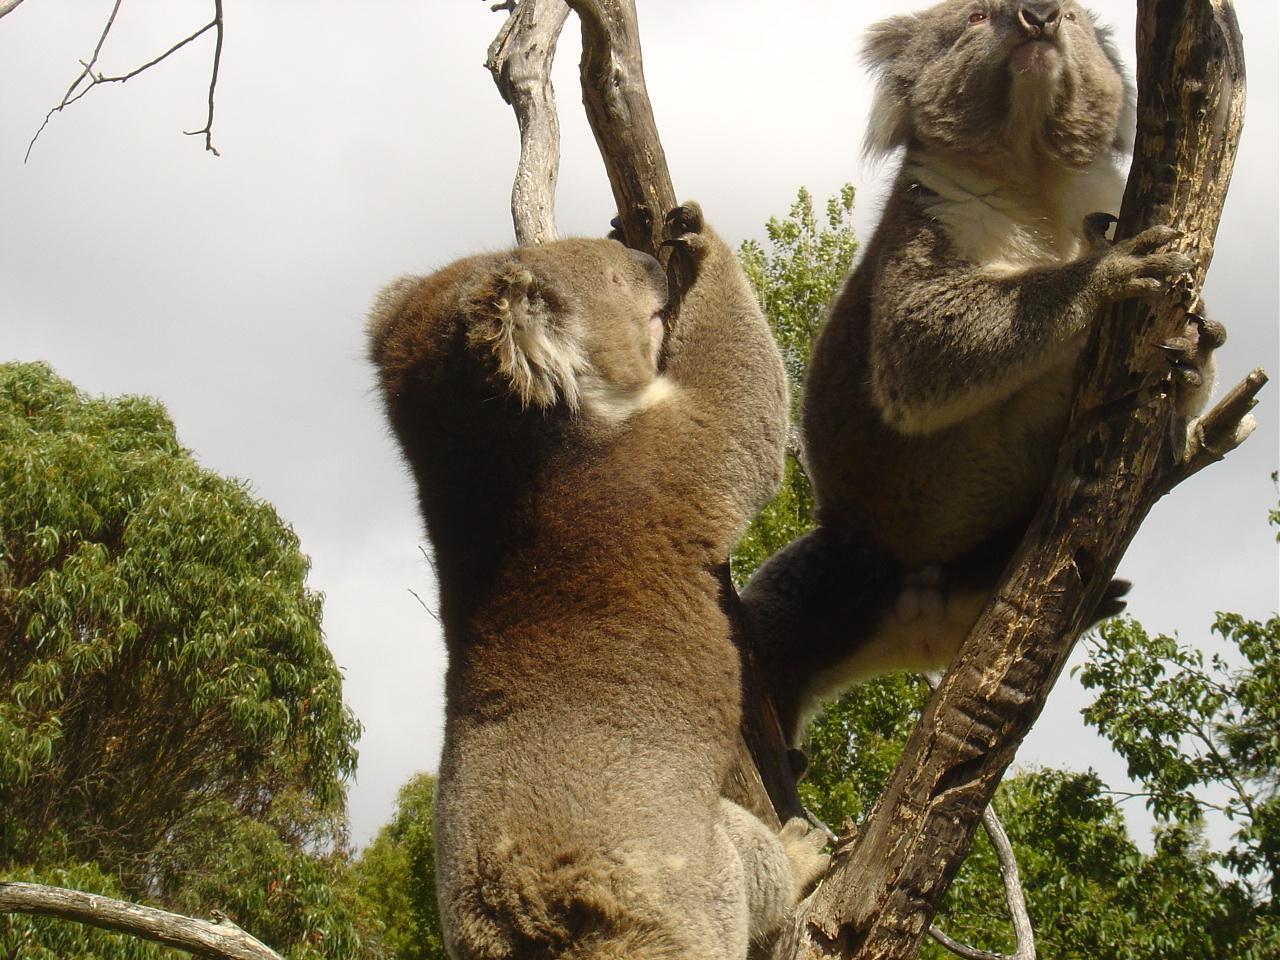 Fighting Koalas - Australia Wallpaper (103768) - Fanpop